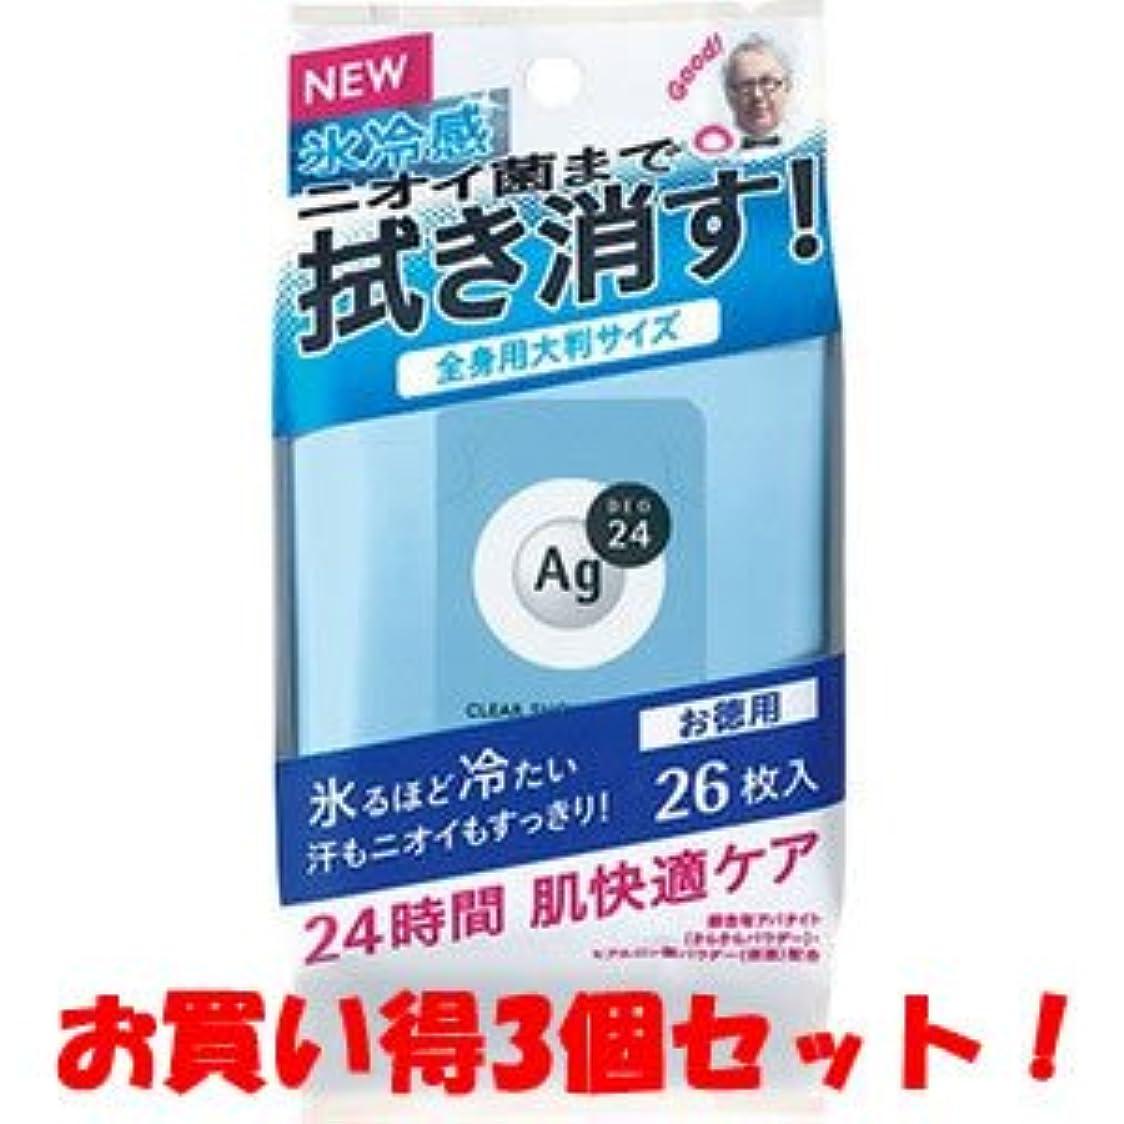 スカリースロットペルソナ(資生堂)Agデオ24 クリアシャワー ラージシートNa(クール) 無香料 26枚入(お買い得3個セット)